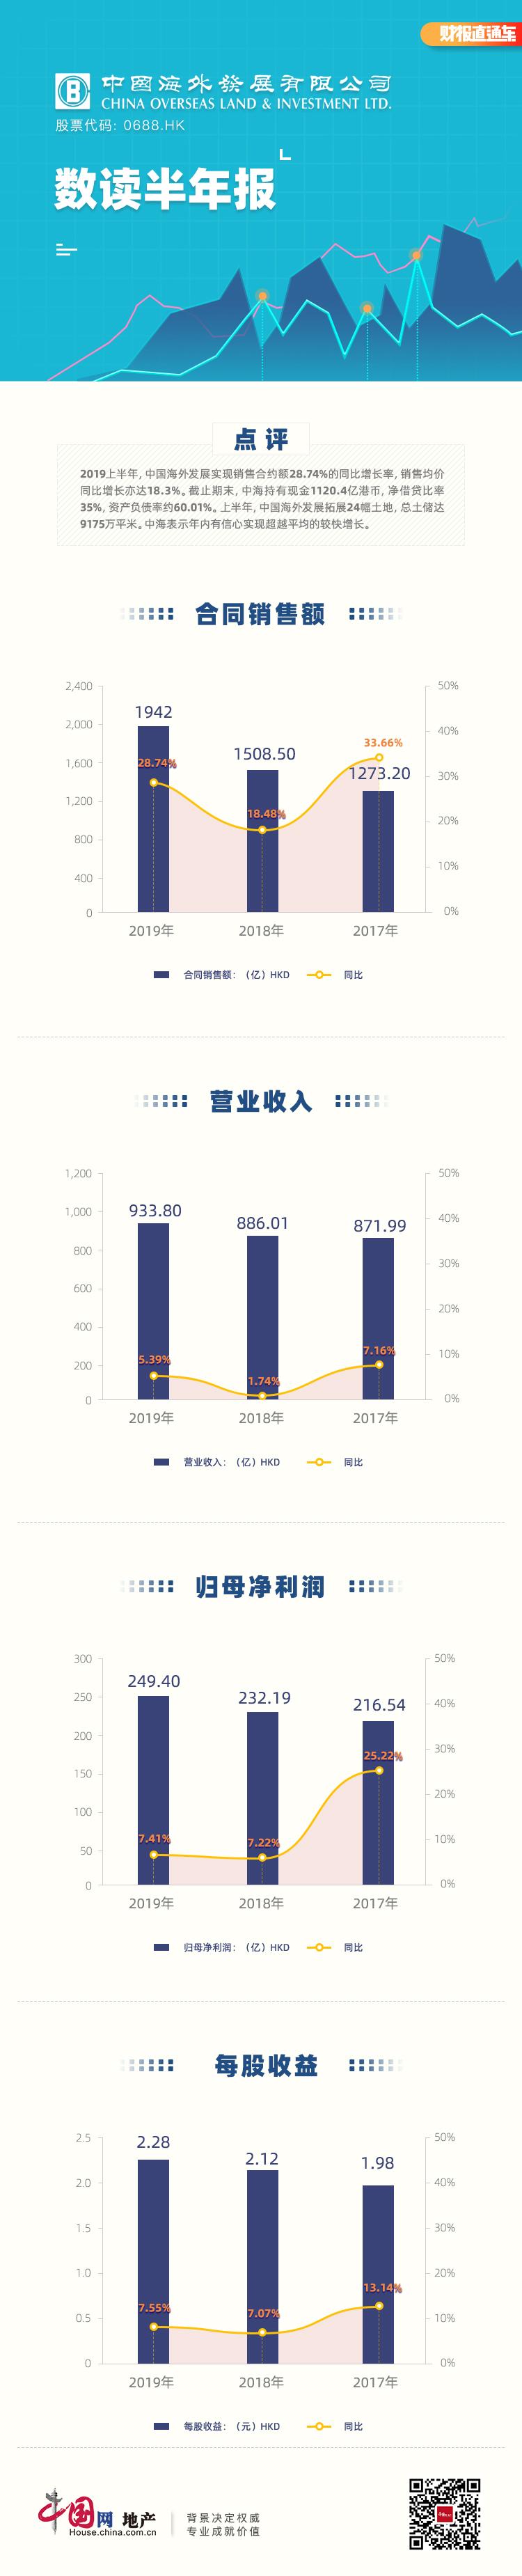 数读半年报|中国海外发展:销售额同比增28.74% 期末持有现金1120亿港币-中国网地产